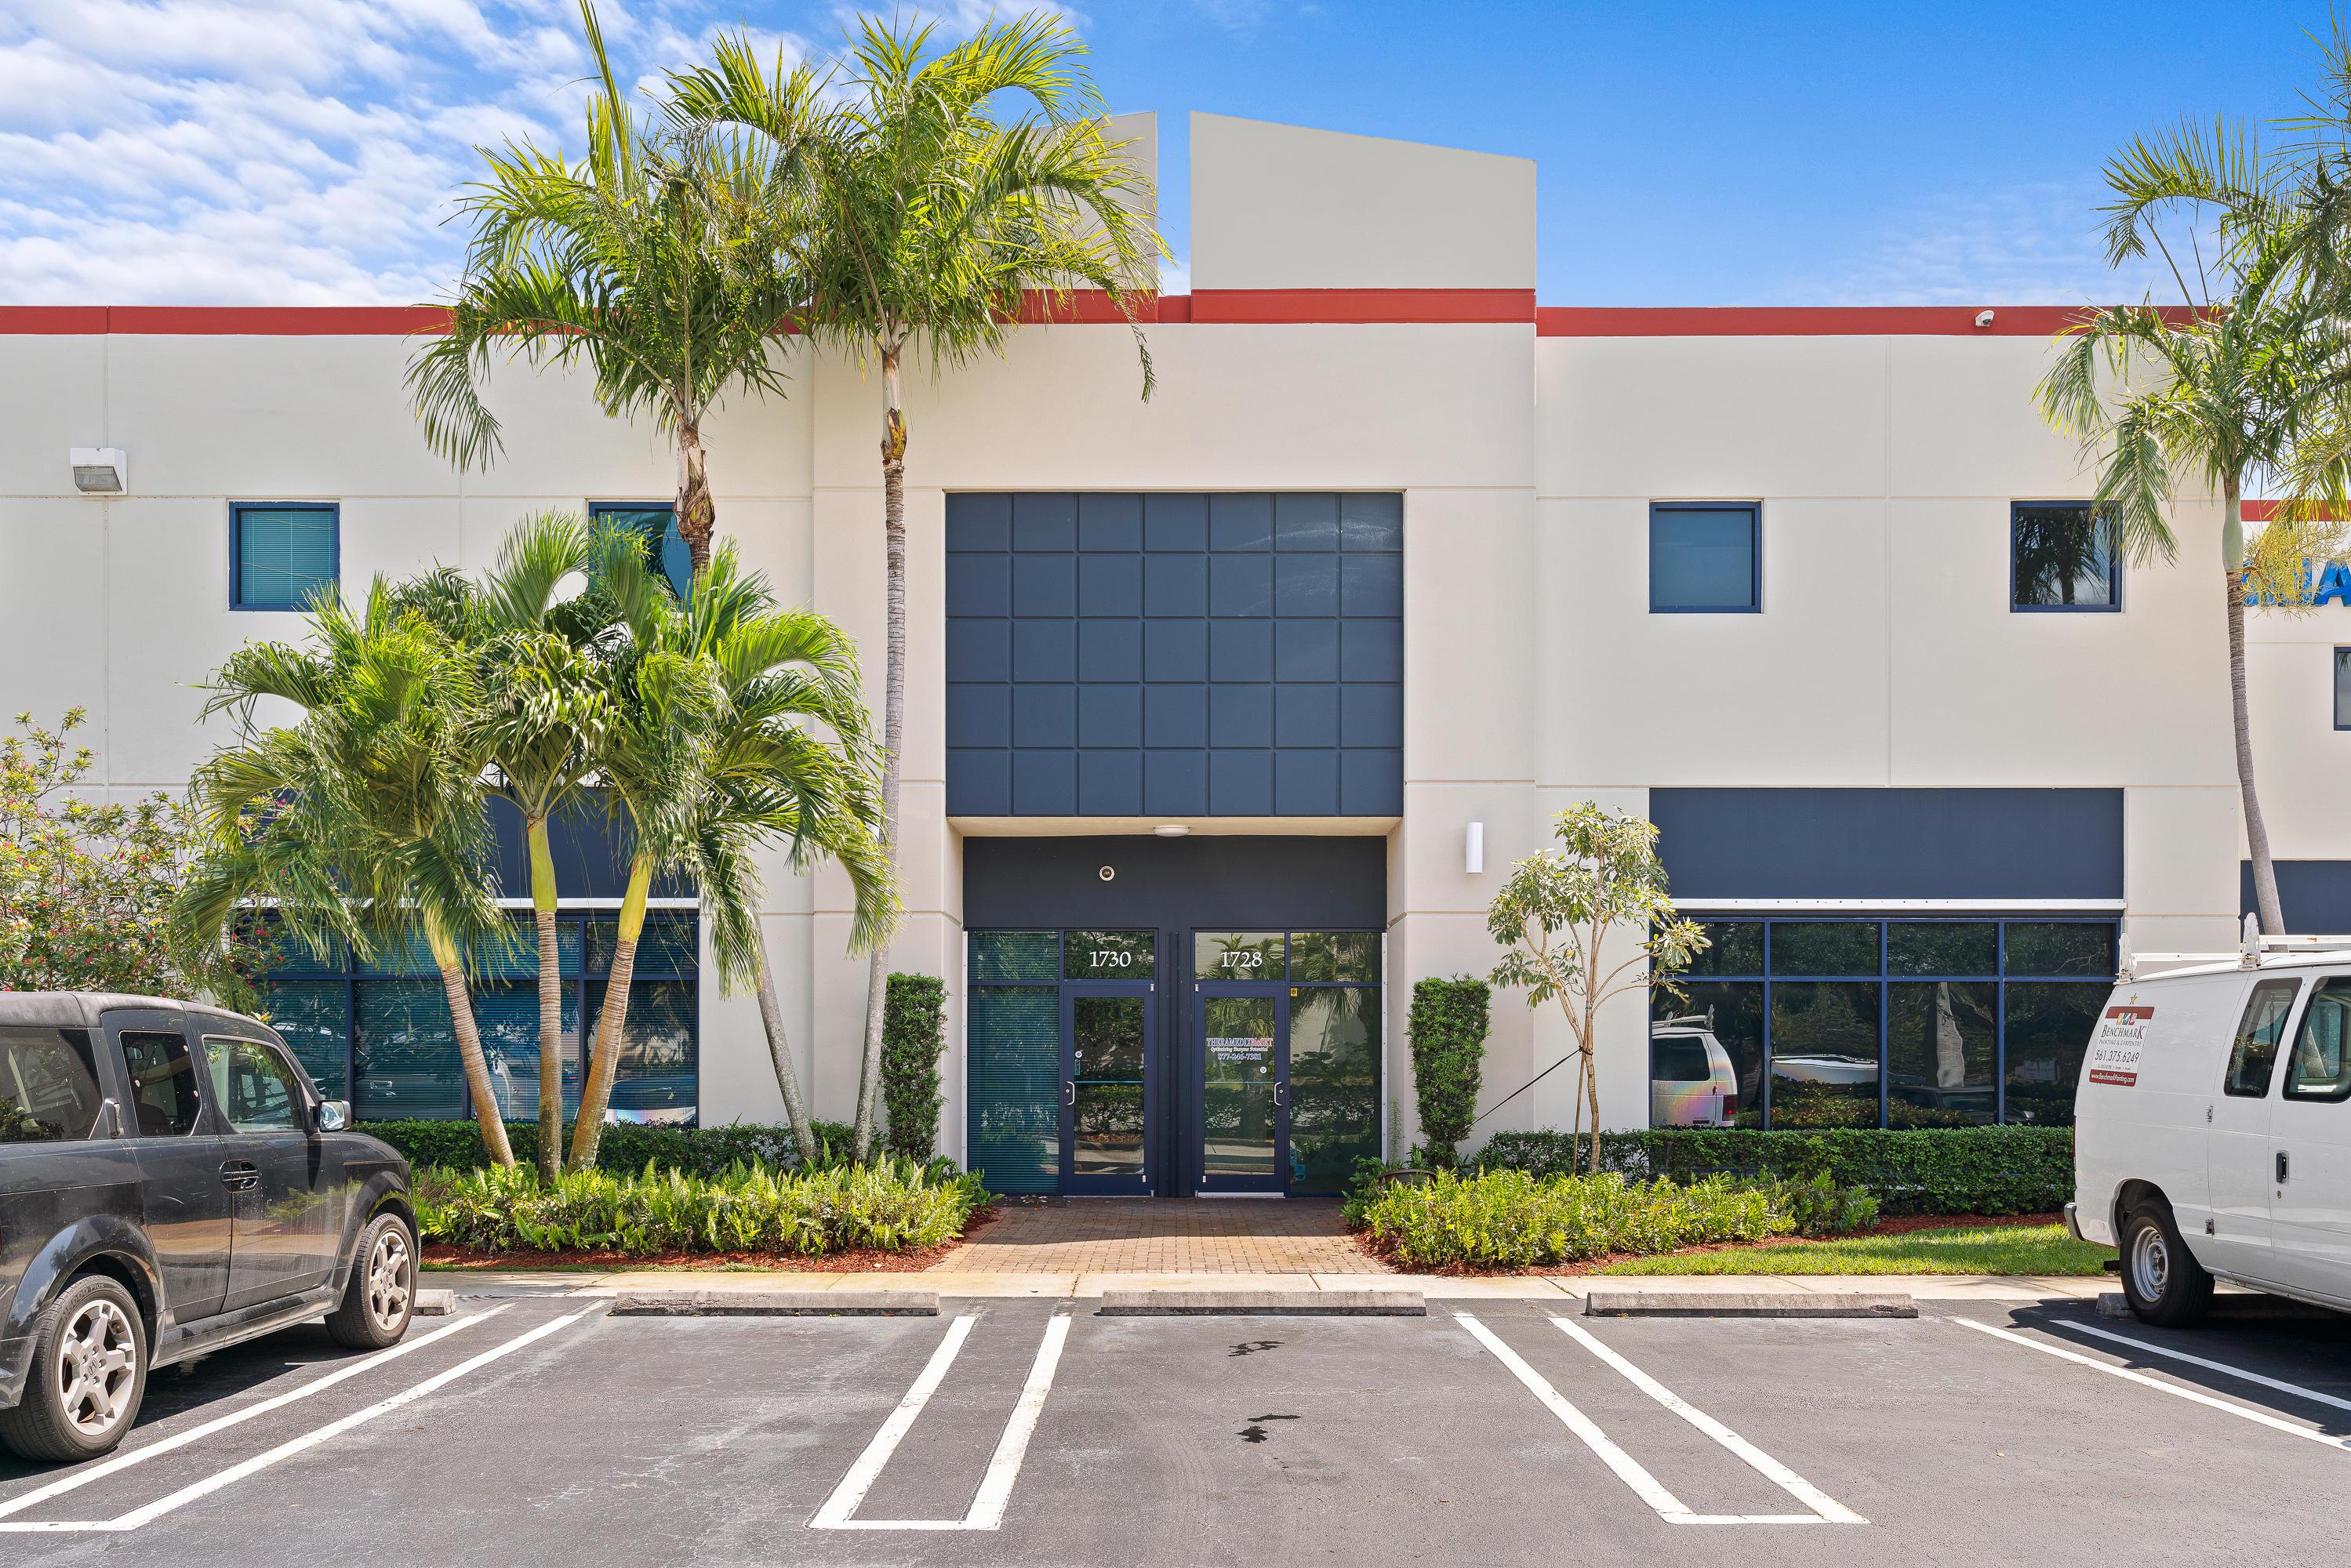 1728 Corporate, Boynton Beach, Florida 33426